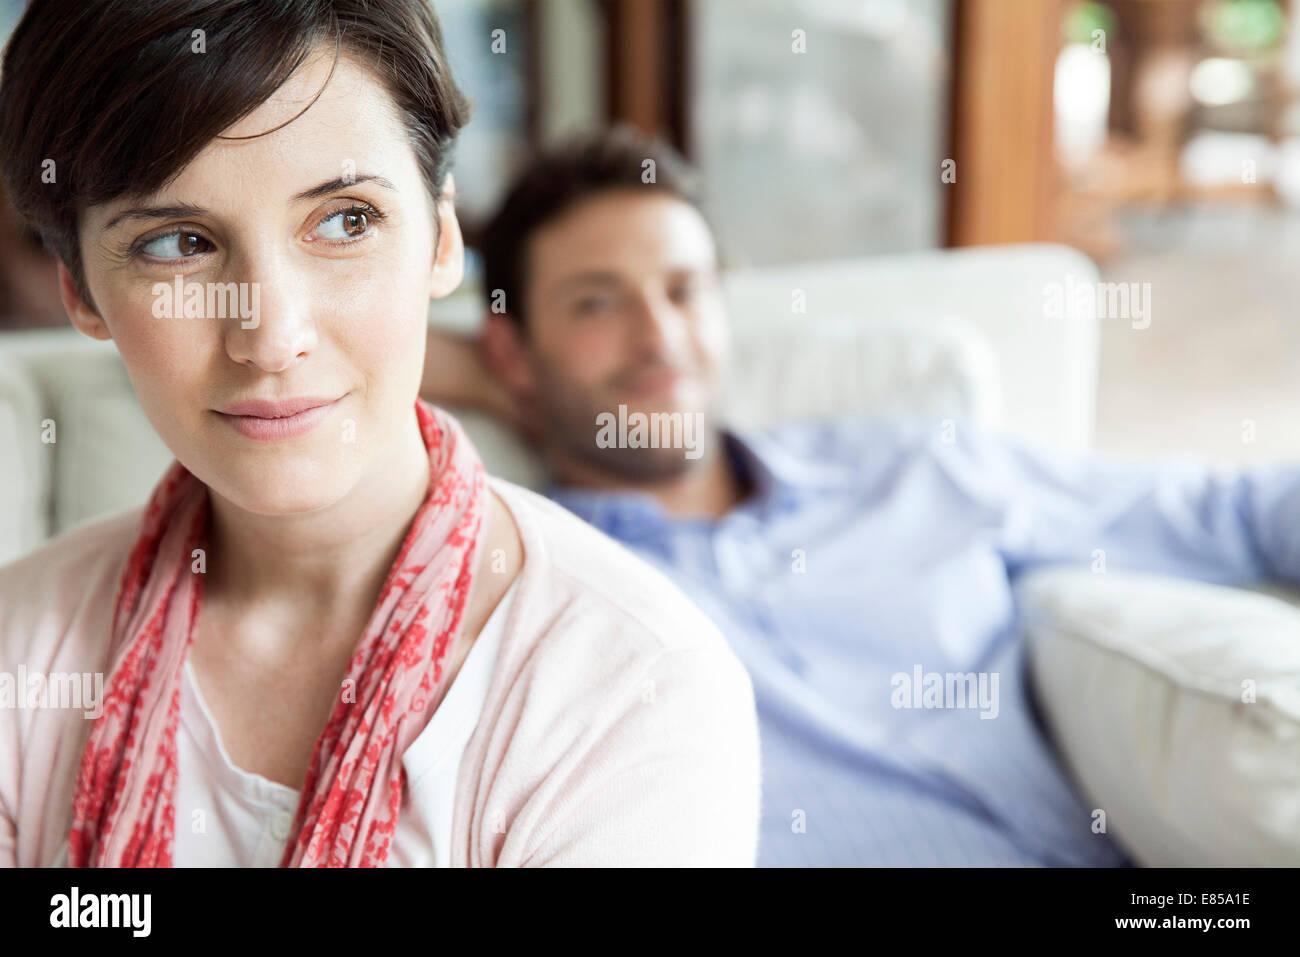 Mujer mirando lejos dreamily, hombre relajante en segundo plano. Imagen De Stock